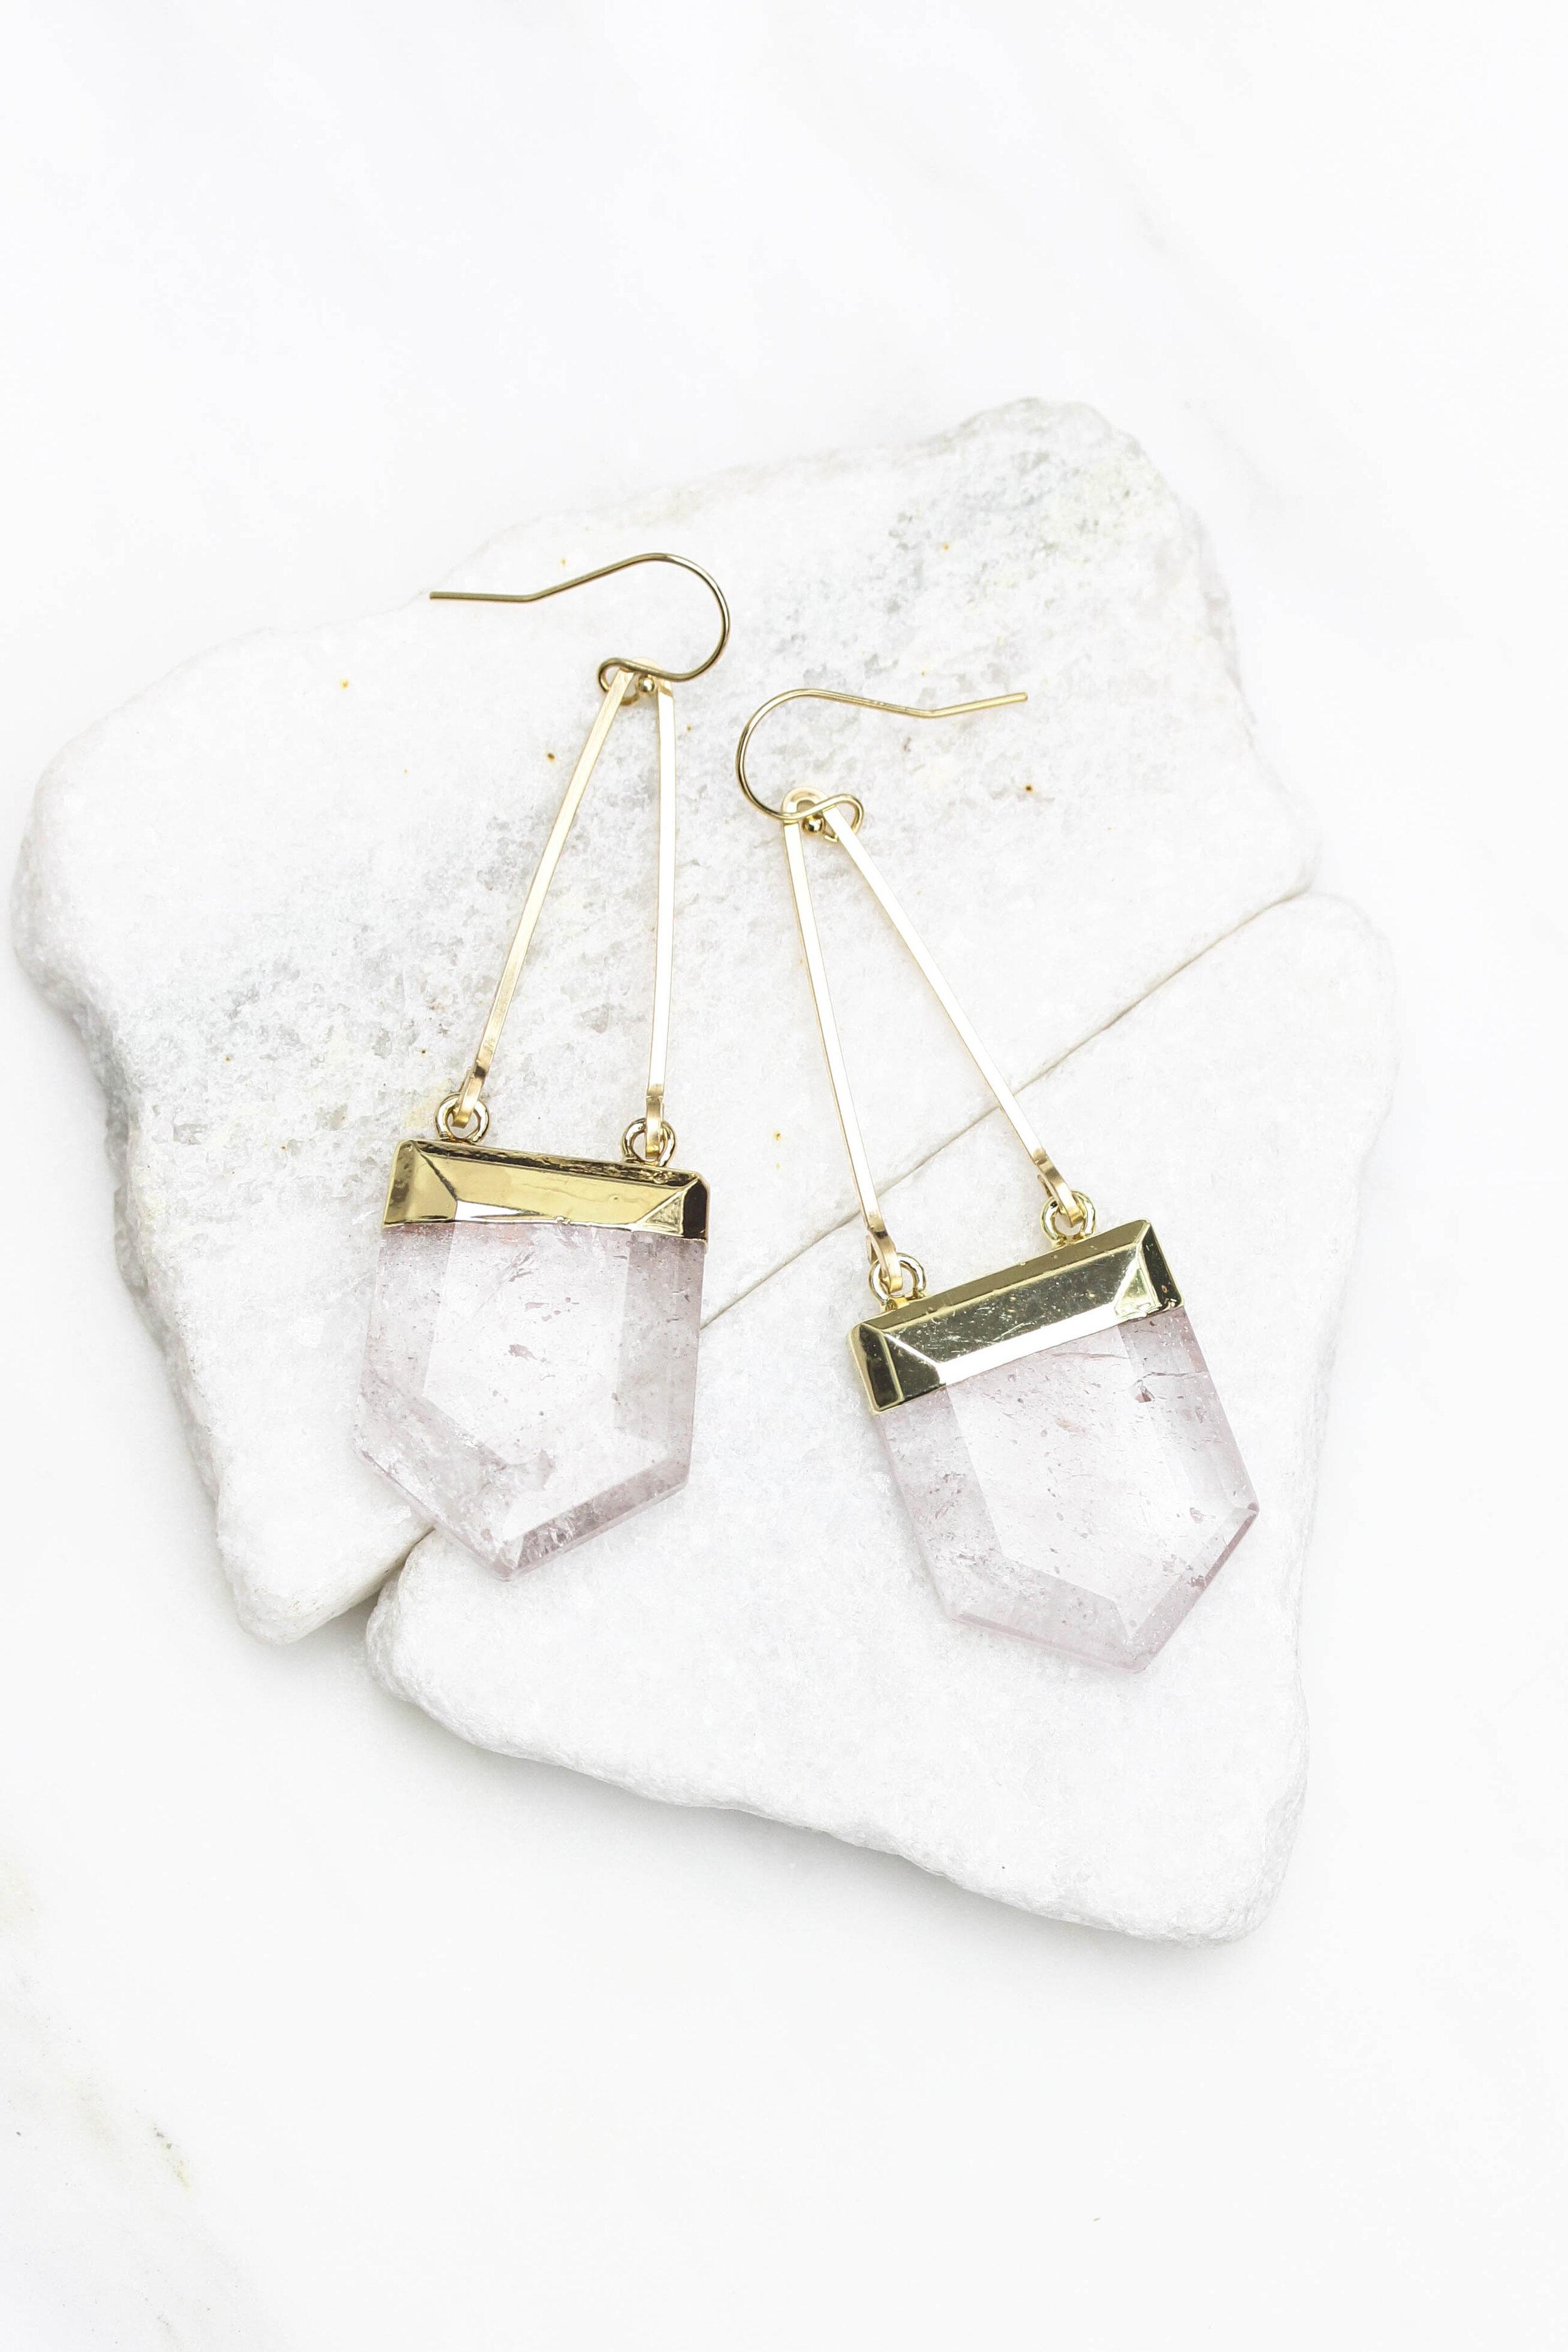 Rock crystal prism earrings